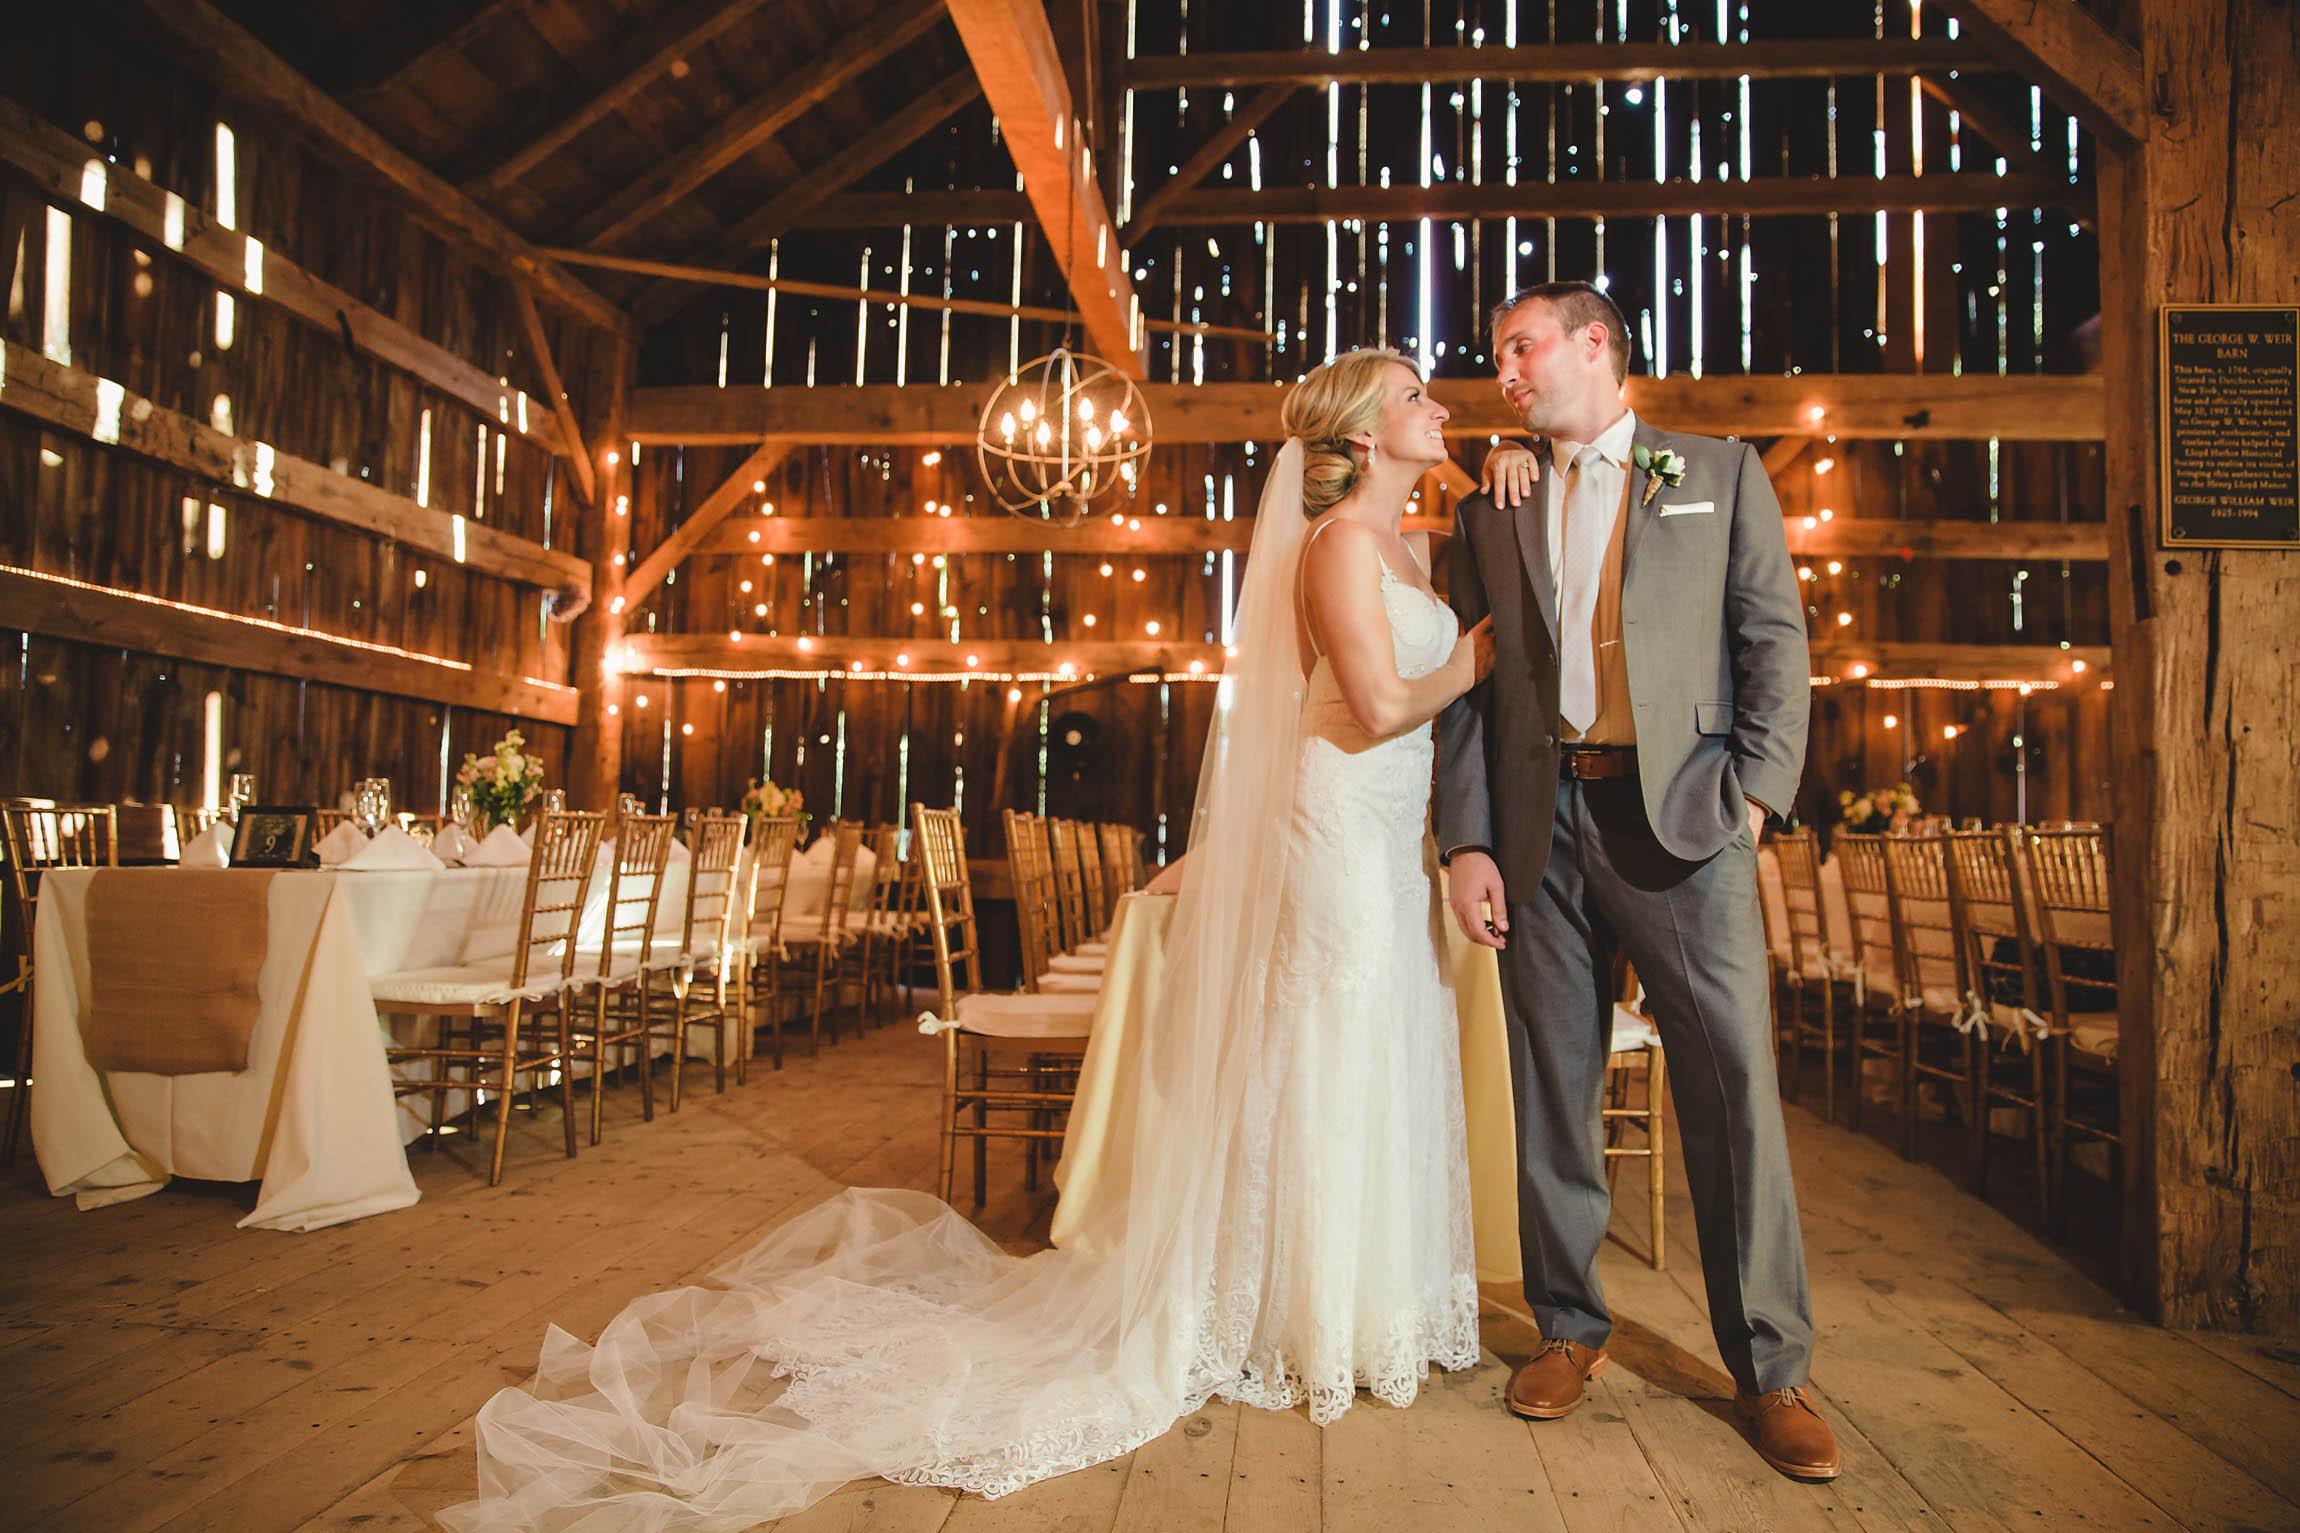 George Weir Barn Wedding Lori Amp Tom Ruby Star